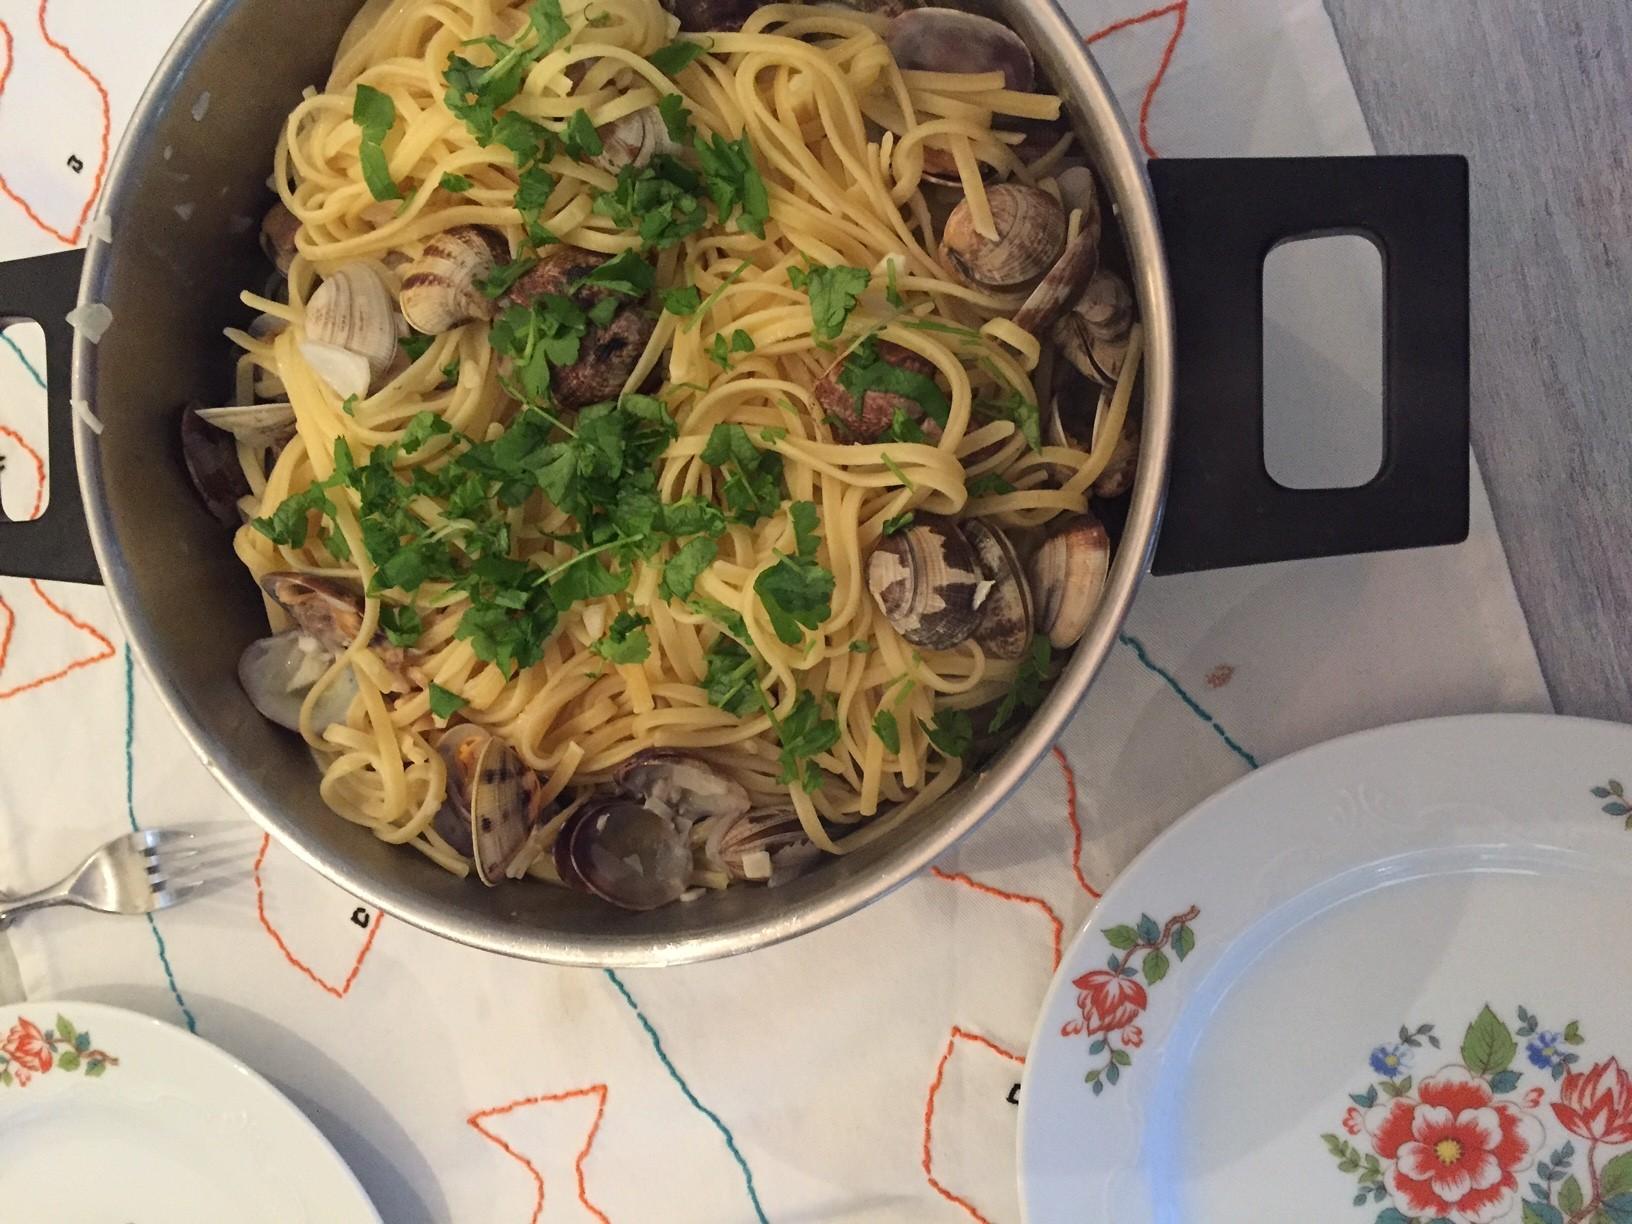 Kokkels met pasta recept van foodblog Foodinista